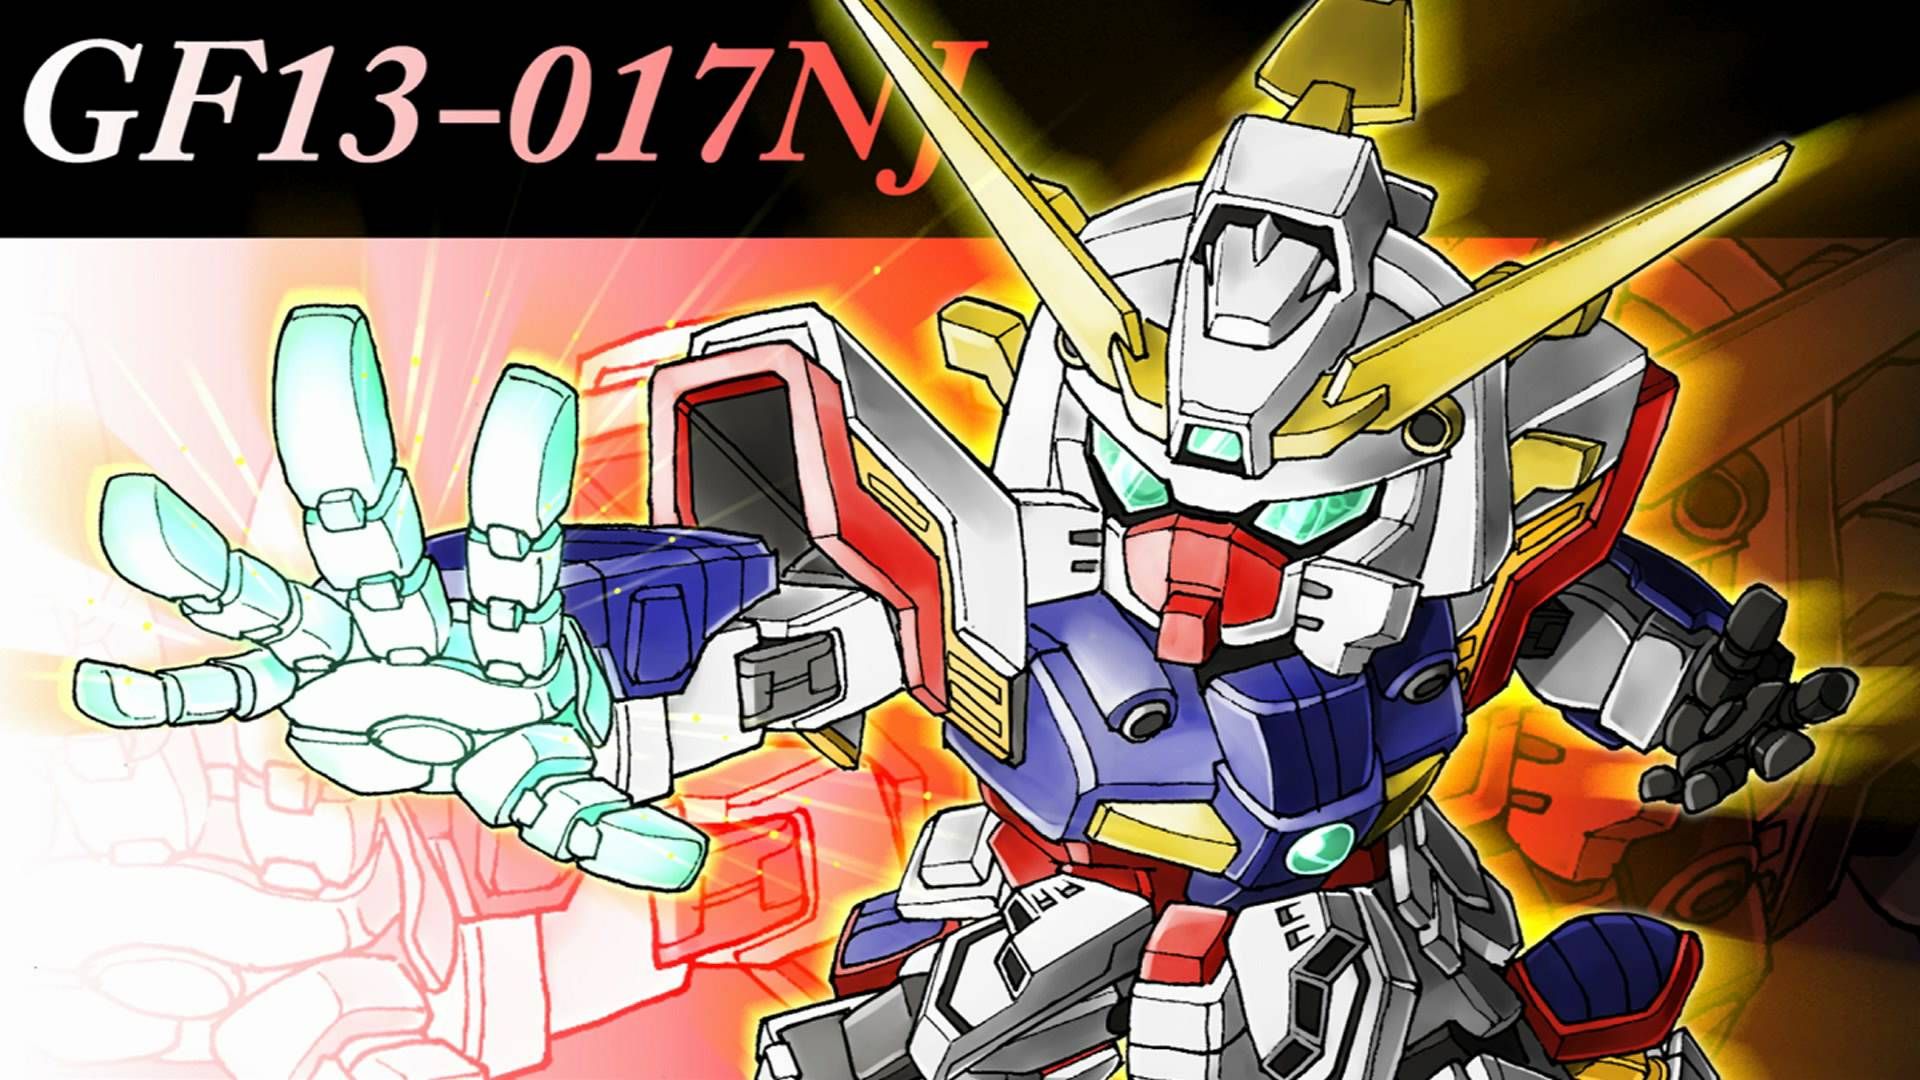 G Gundam Wallpapers 1920x1080